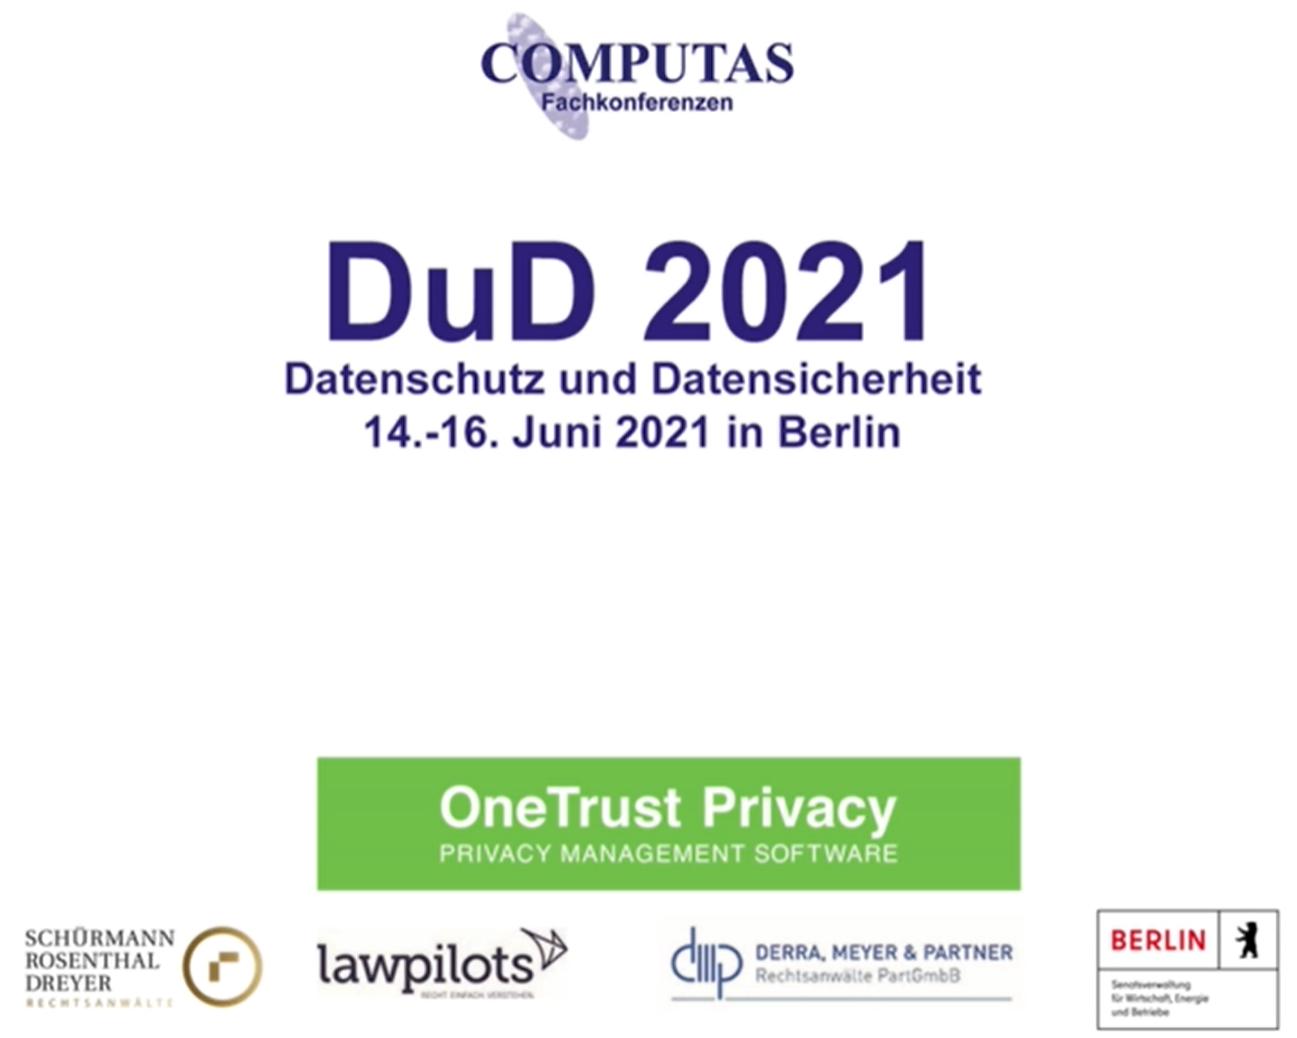 DuD 2021 in Berlin